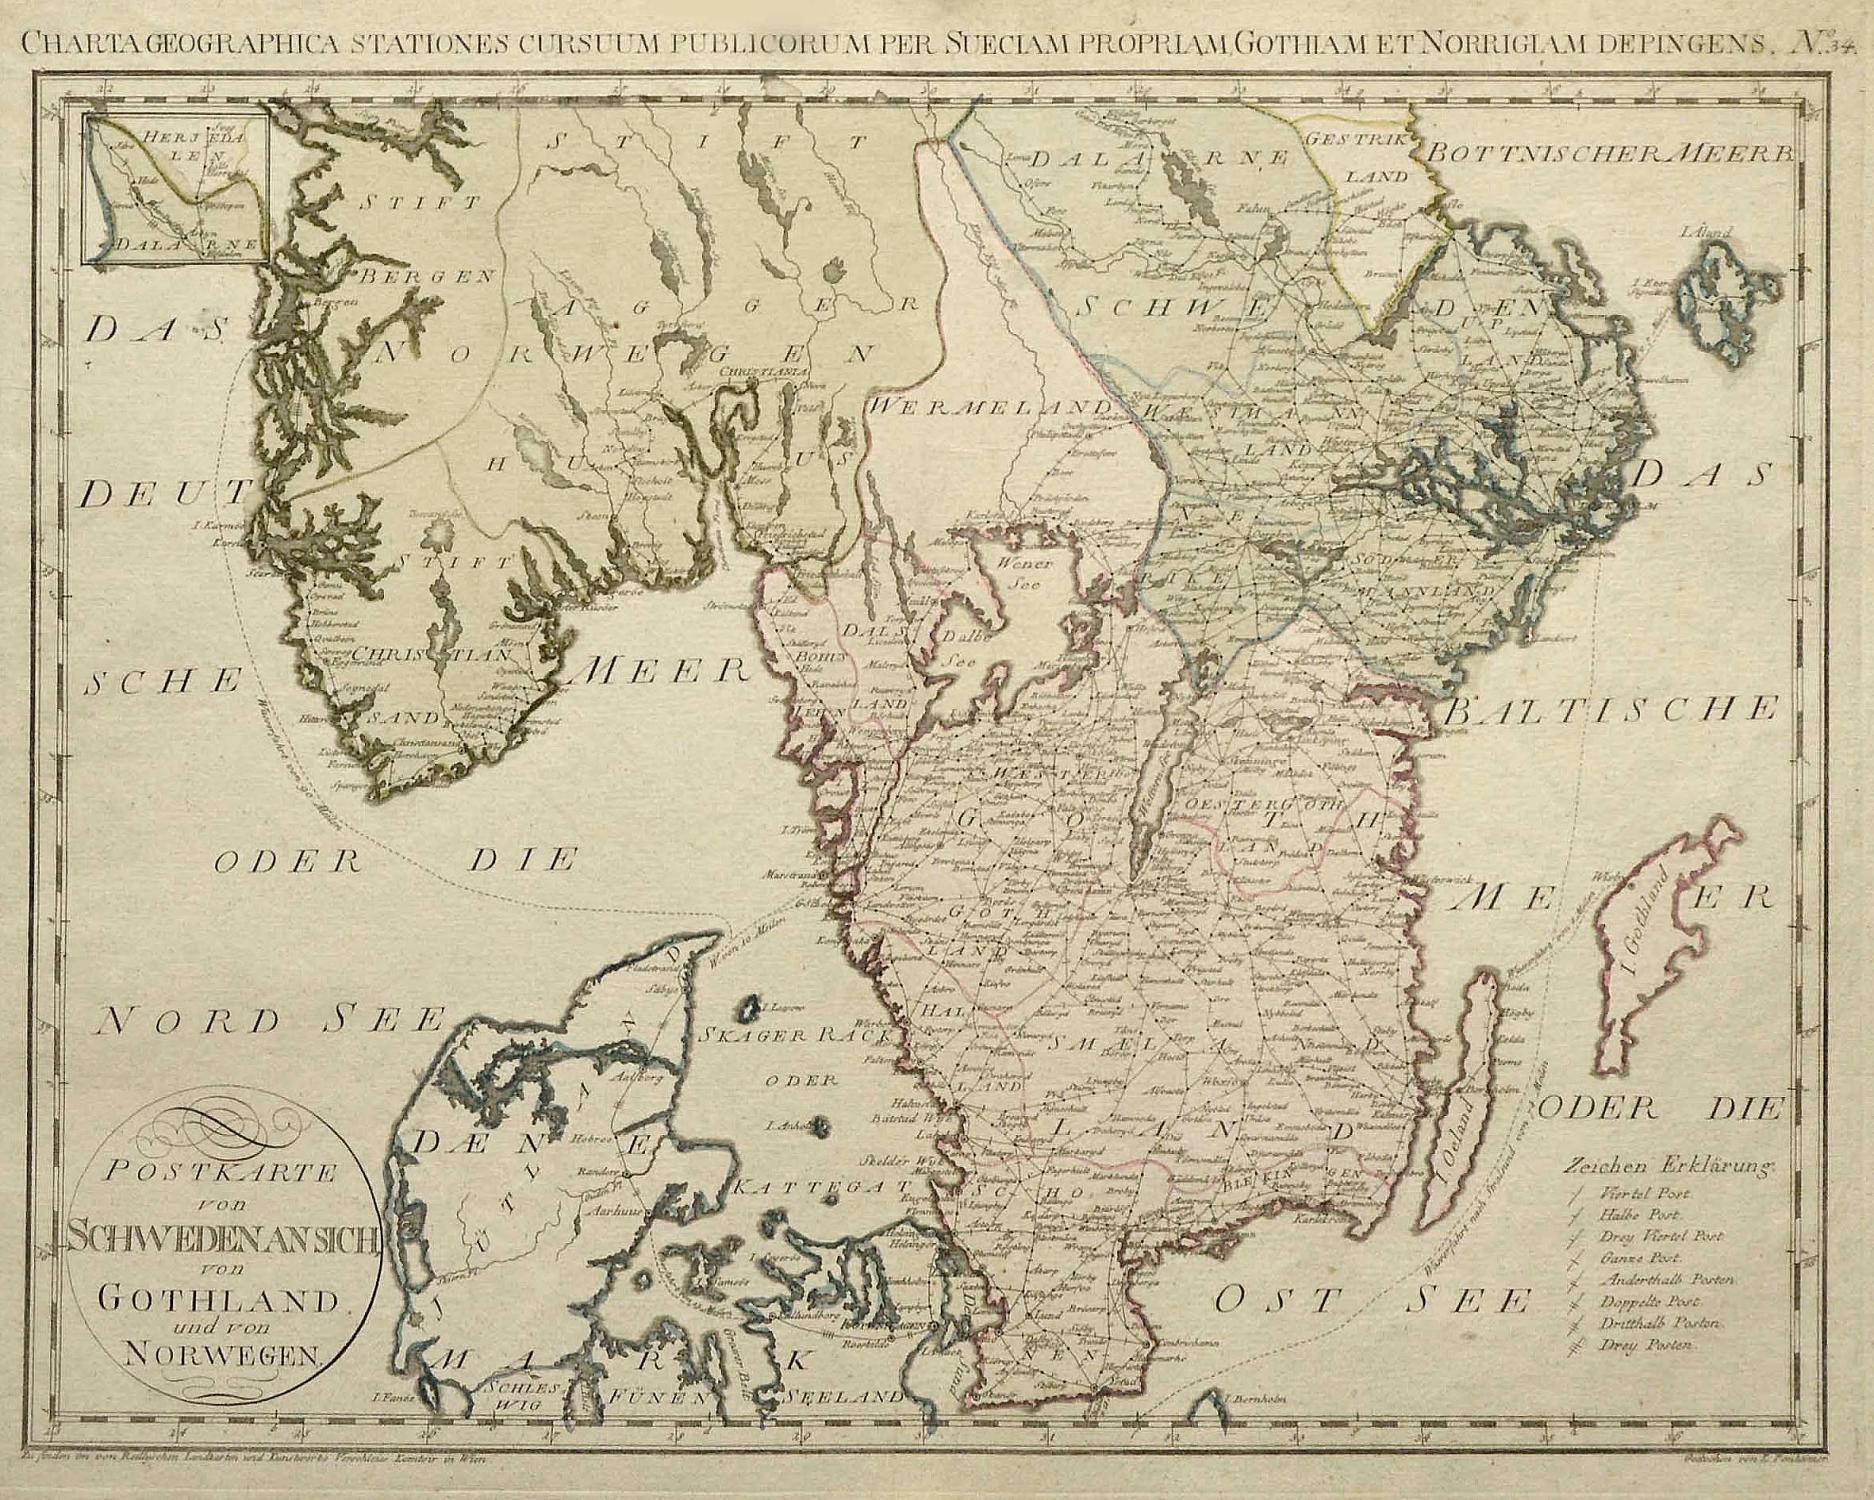 Karte Südnorwegen.Kupferstich Karte V K Ponheimer Bei